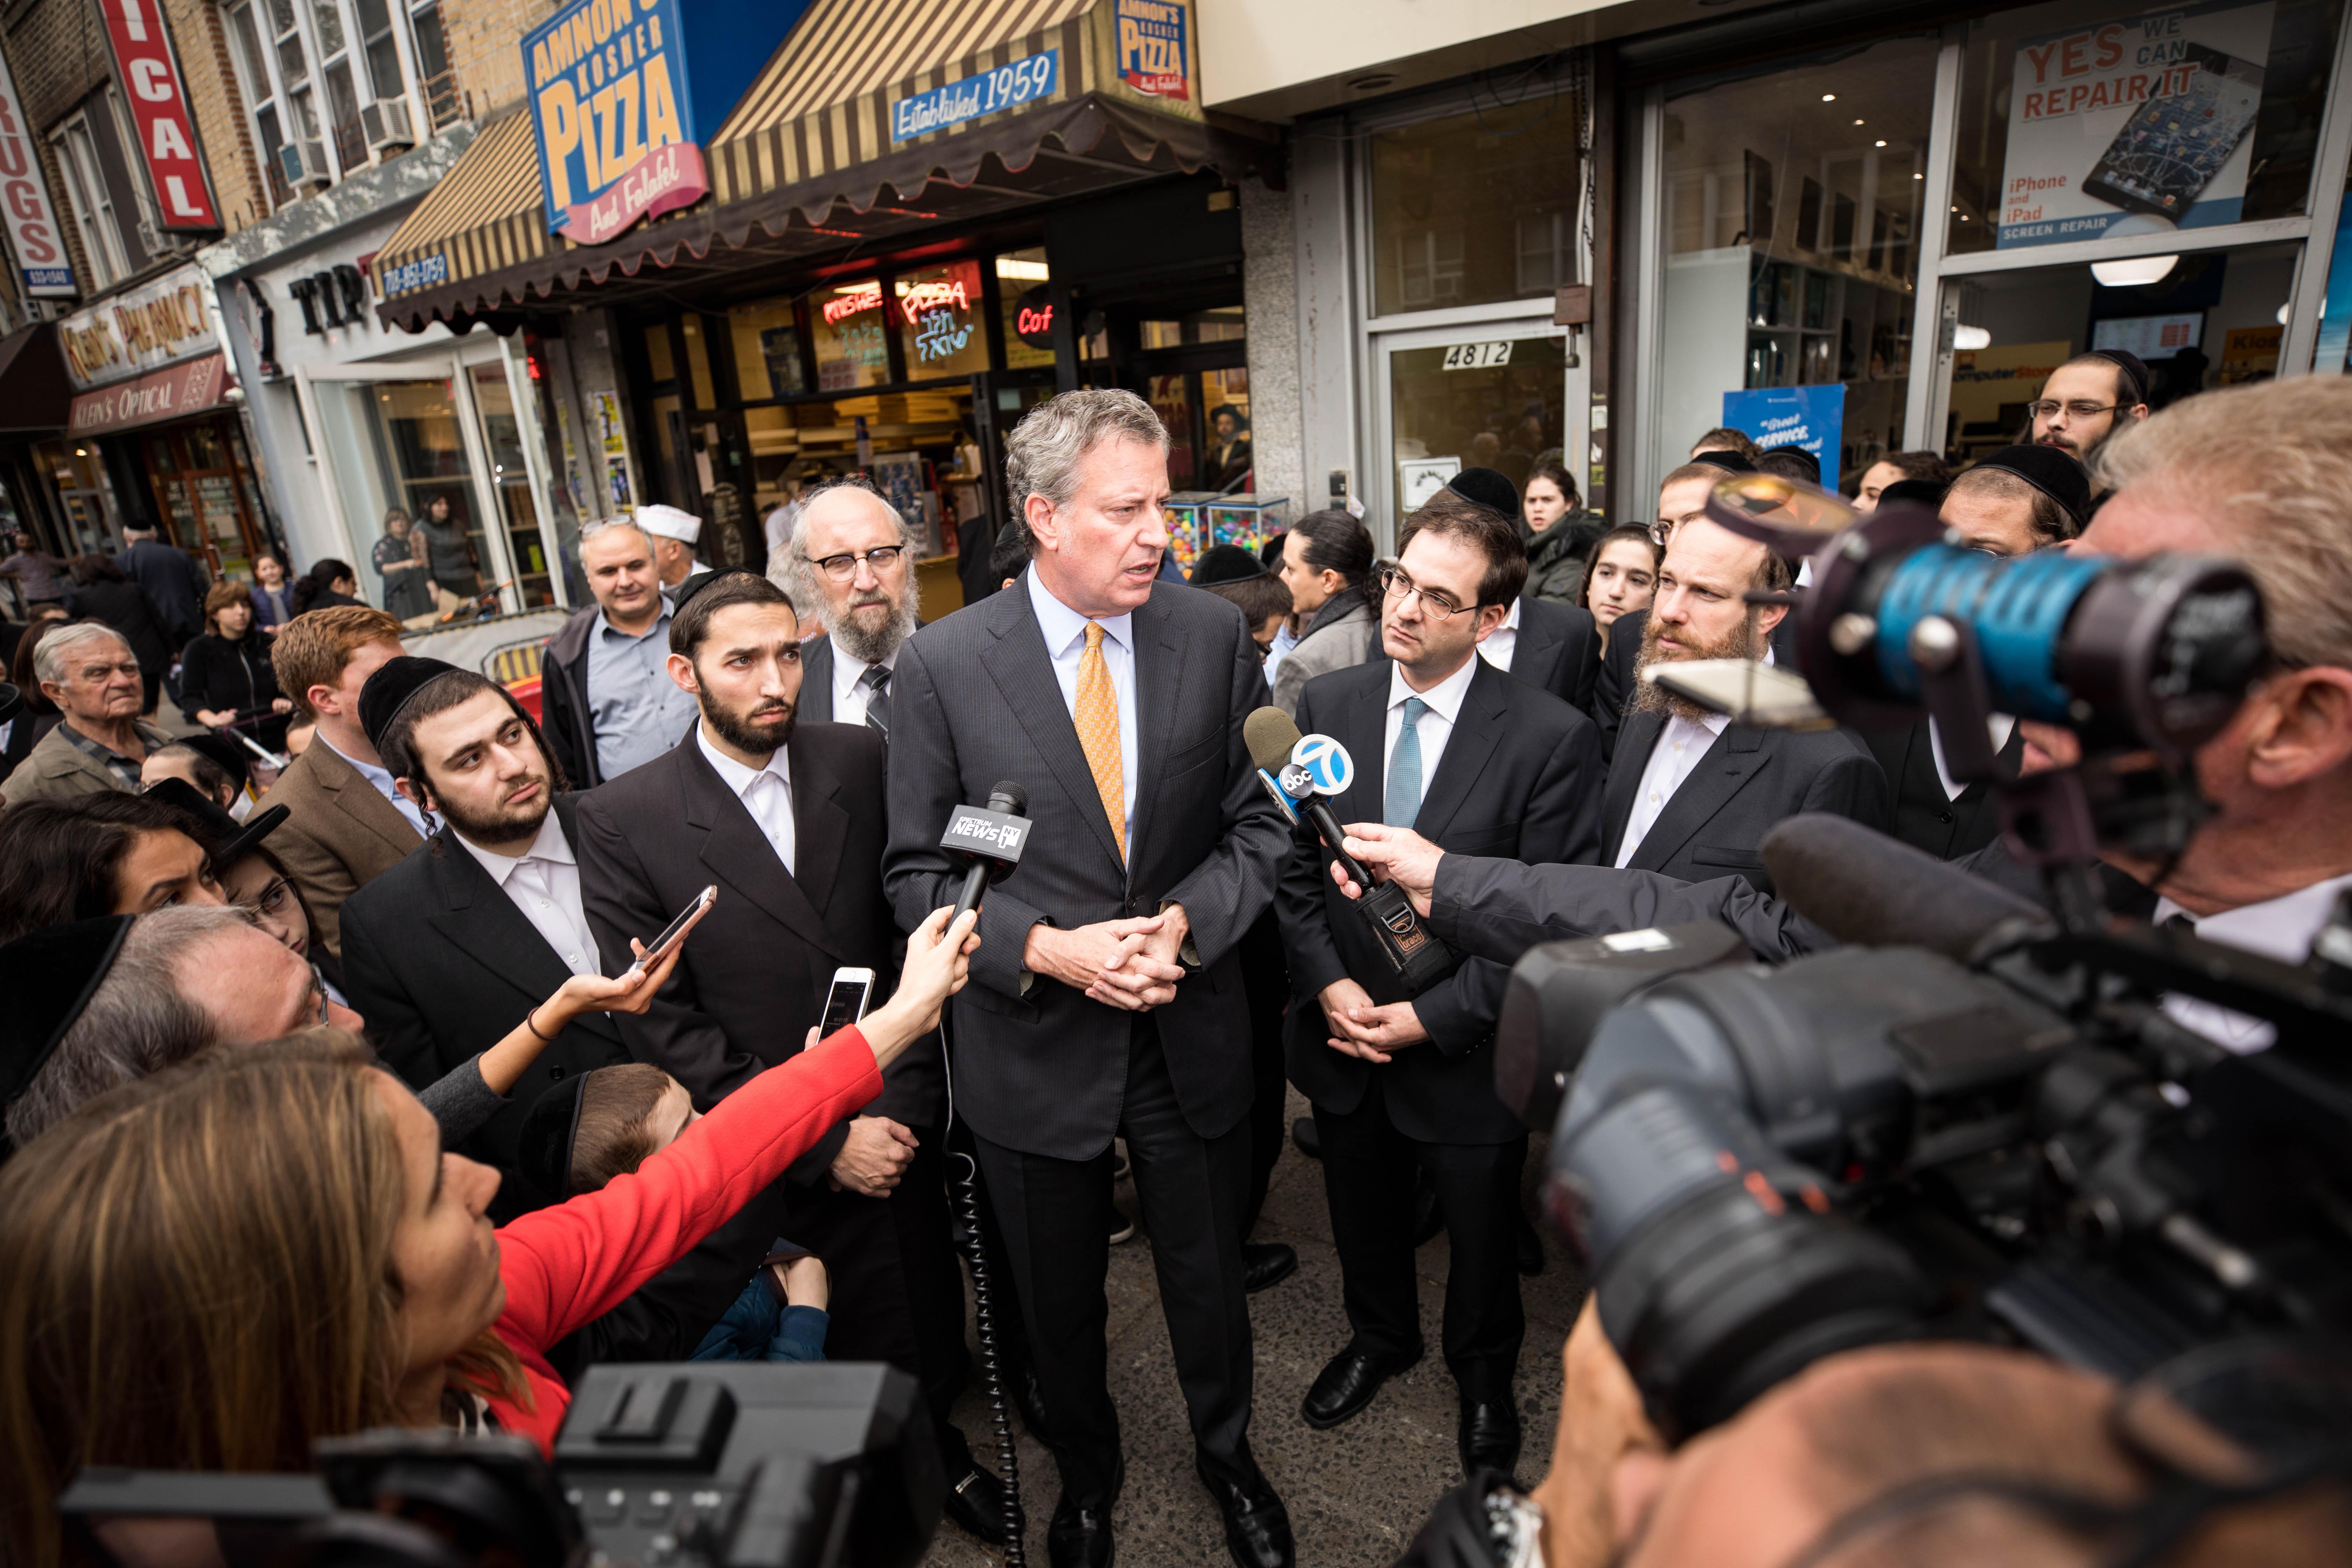 Taxi Albany Ny >> Brooklyn, NY - NYC Mayor De Blasio Campaigns With Assembly ...